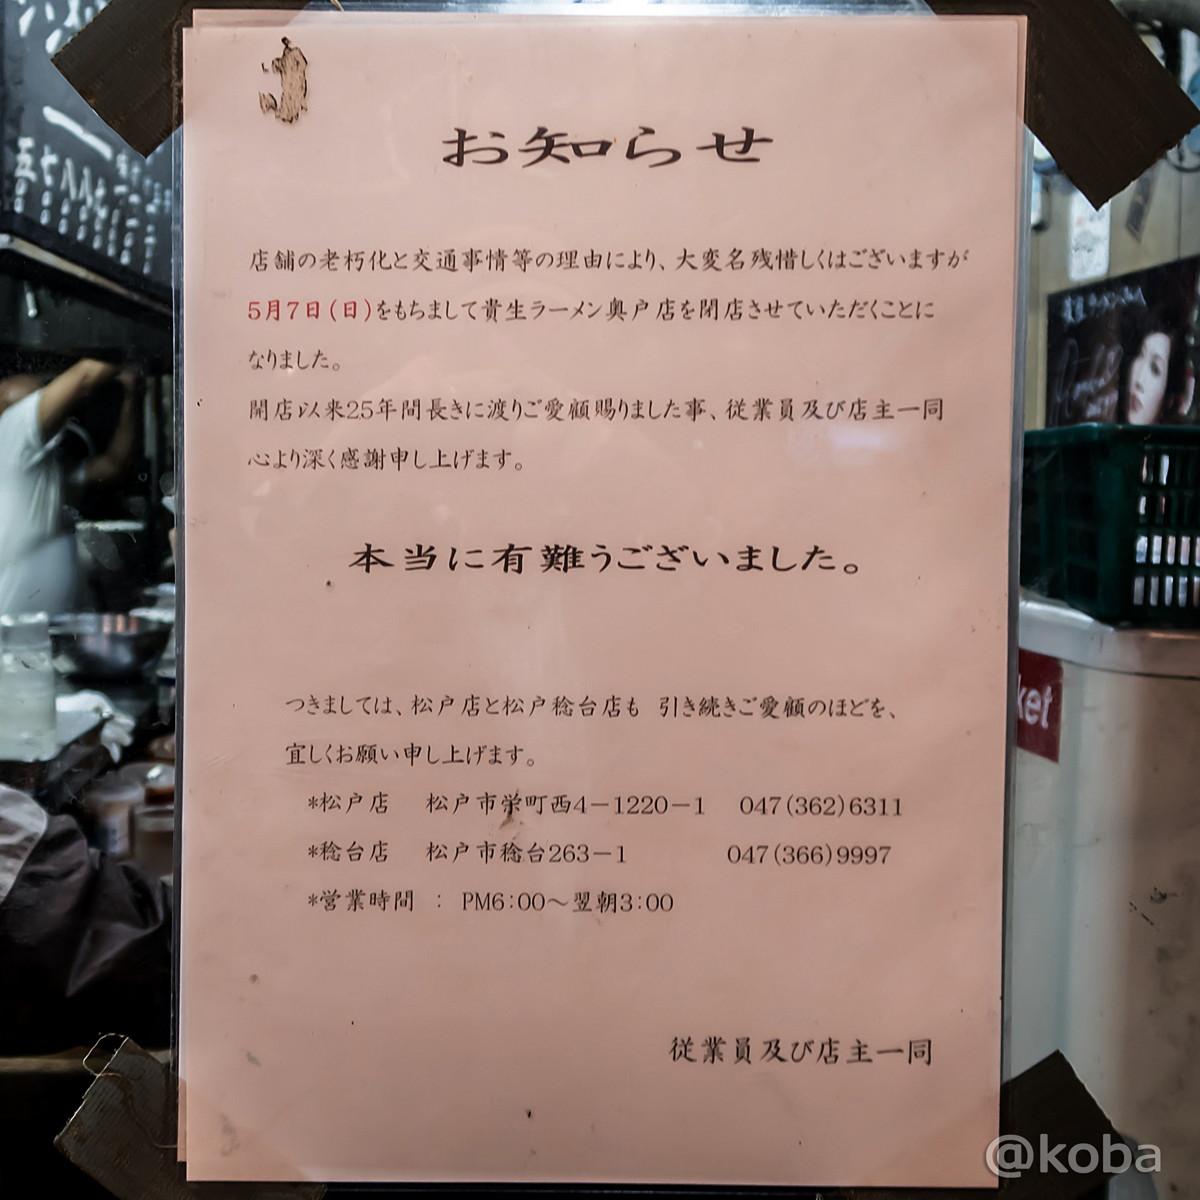 おくど やたいラーメン とんこつ貴生(タカオ)閉店のお知らせ 2017年5月7日(日)をもちまして貴生ラーメン奥戸店を閉店させていただくことになりました。